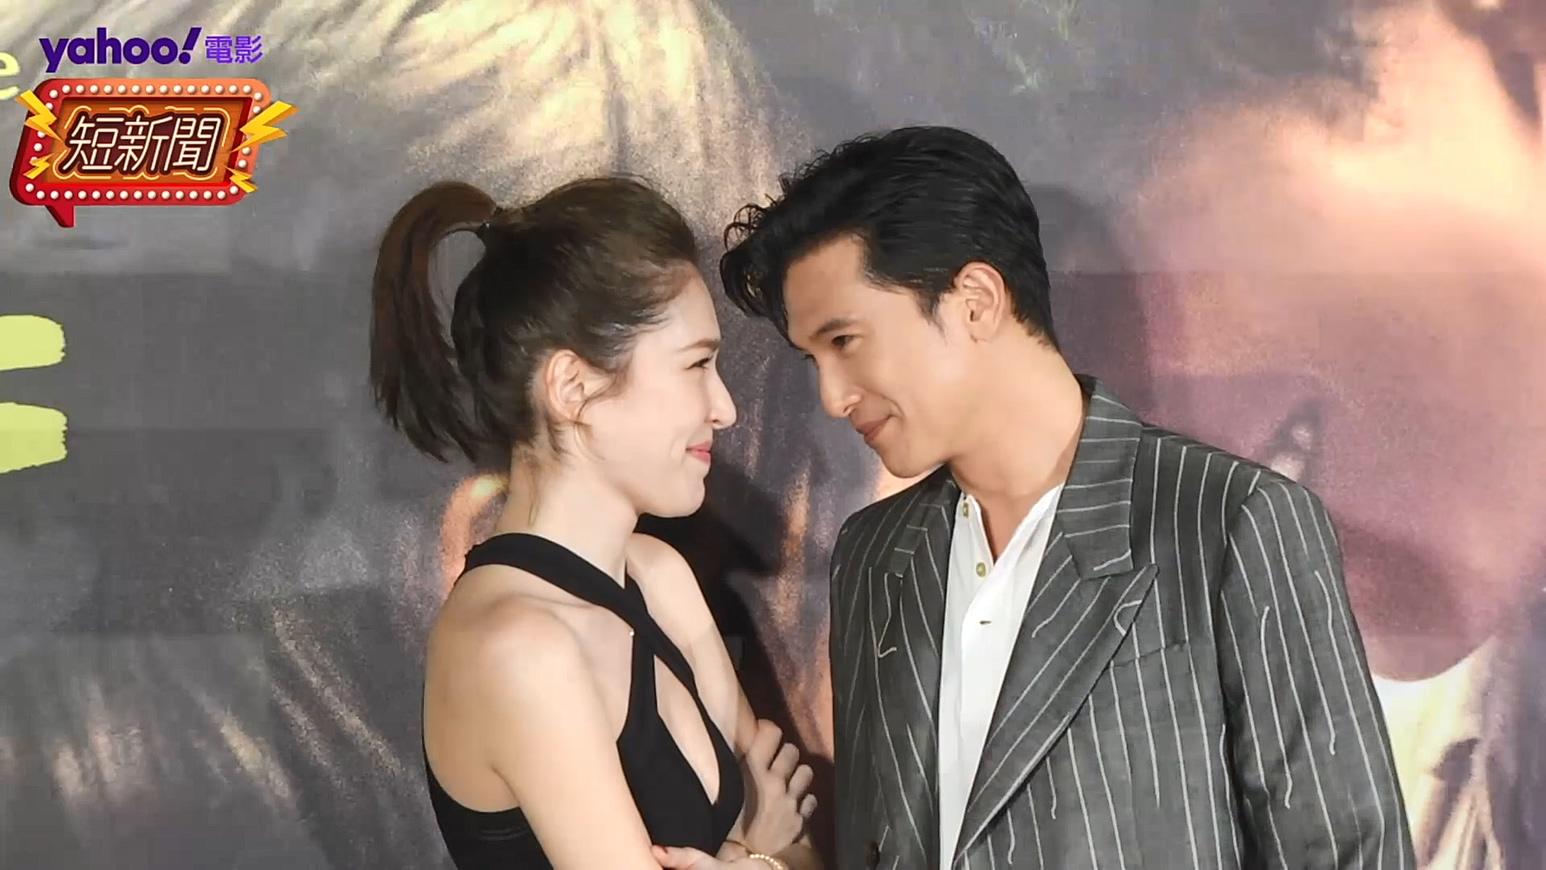 邱澤和緋聞女友張鈞甯再次回歸電影 被傳和許瑋甯同居經紀人回應了